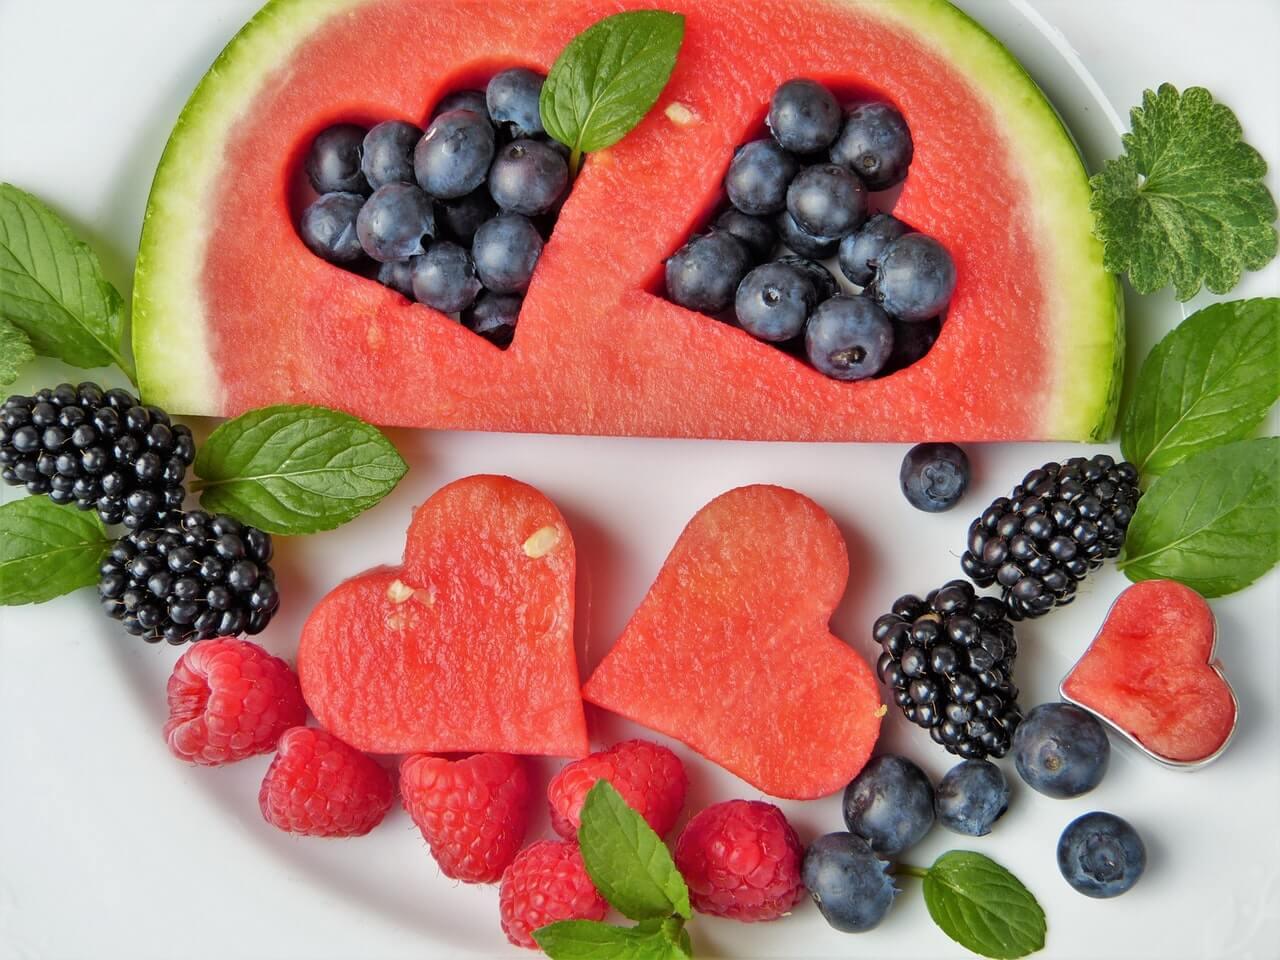 Izbacila je voće iz ishrane na 7 dana i dogodila joj se ova promena na telu